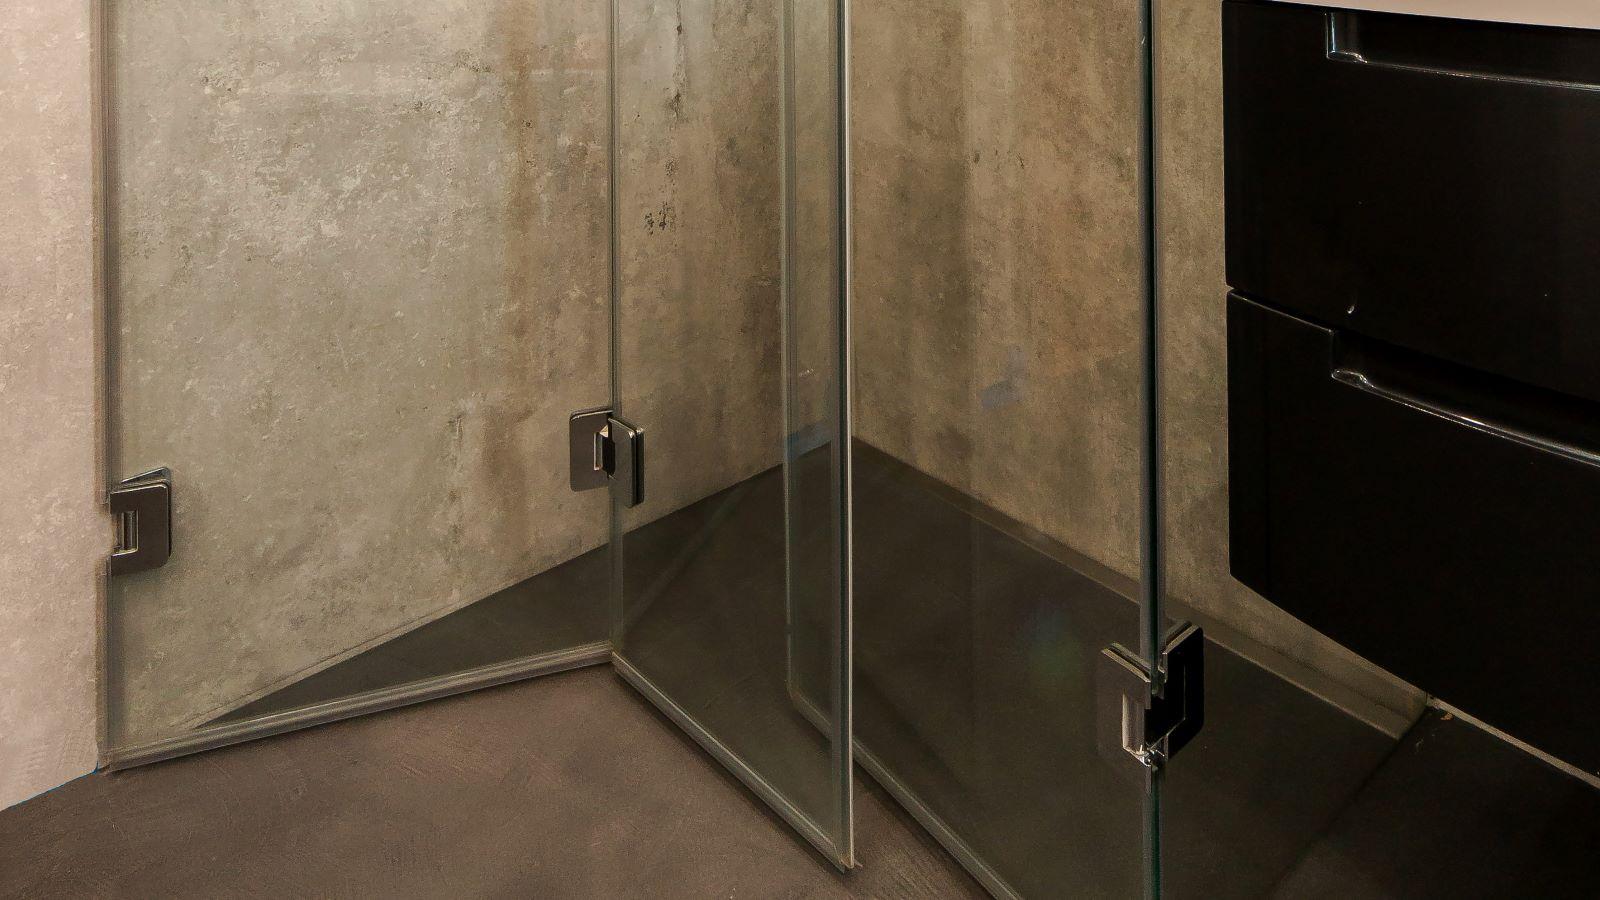 Abgebildet ist die in einer barrierefreien dusche dezent wandbuendig eingebaute, hochwertige v4a edelstahl-duschrinne pro. Cm-genau massgefertigt bis 600 cm laenge, laesst sich die pflegeleichte duschrinne pro einfach zwischen wand und transparenter glasduschwand einbauen. Durch ihre sehr hohe ablaufleistung ermoeglicht die extra flache duschrinne pro eine sehr gute linienentwaesserung der bodengleichen dusche. Diese ebenerdige dusche mit grossformatigen boden- und wandfliesen befindet sich in einem kleinen bad.